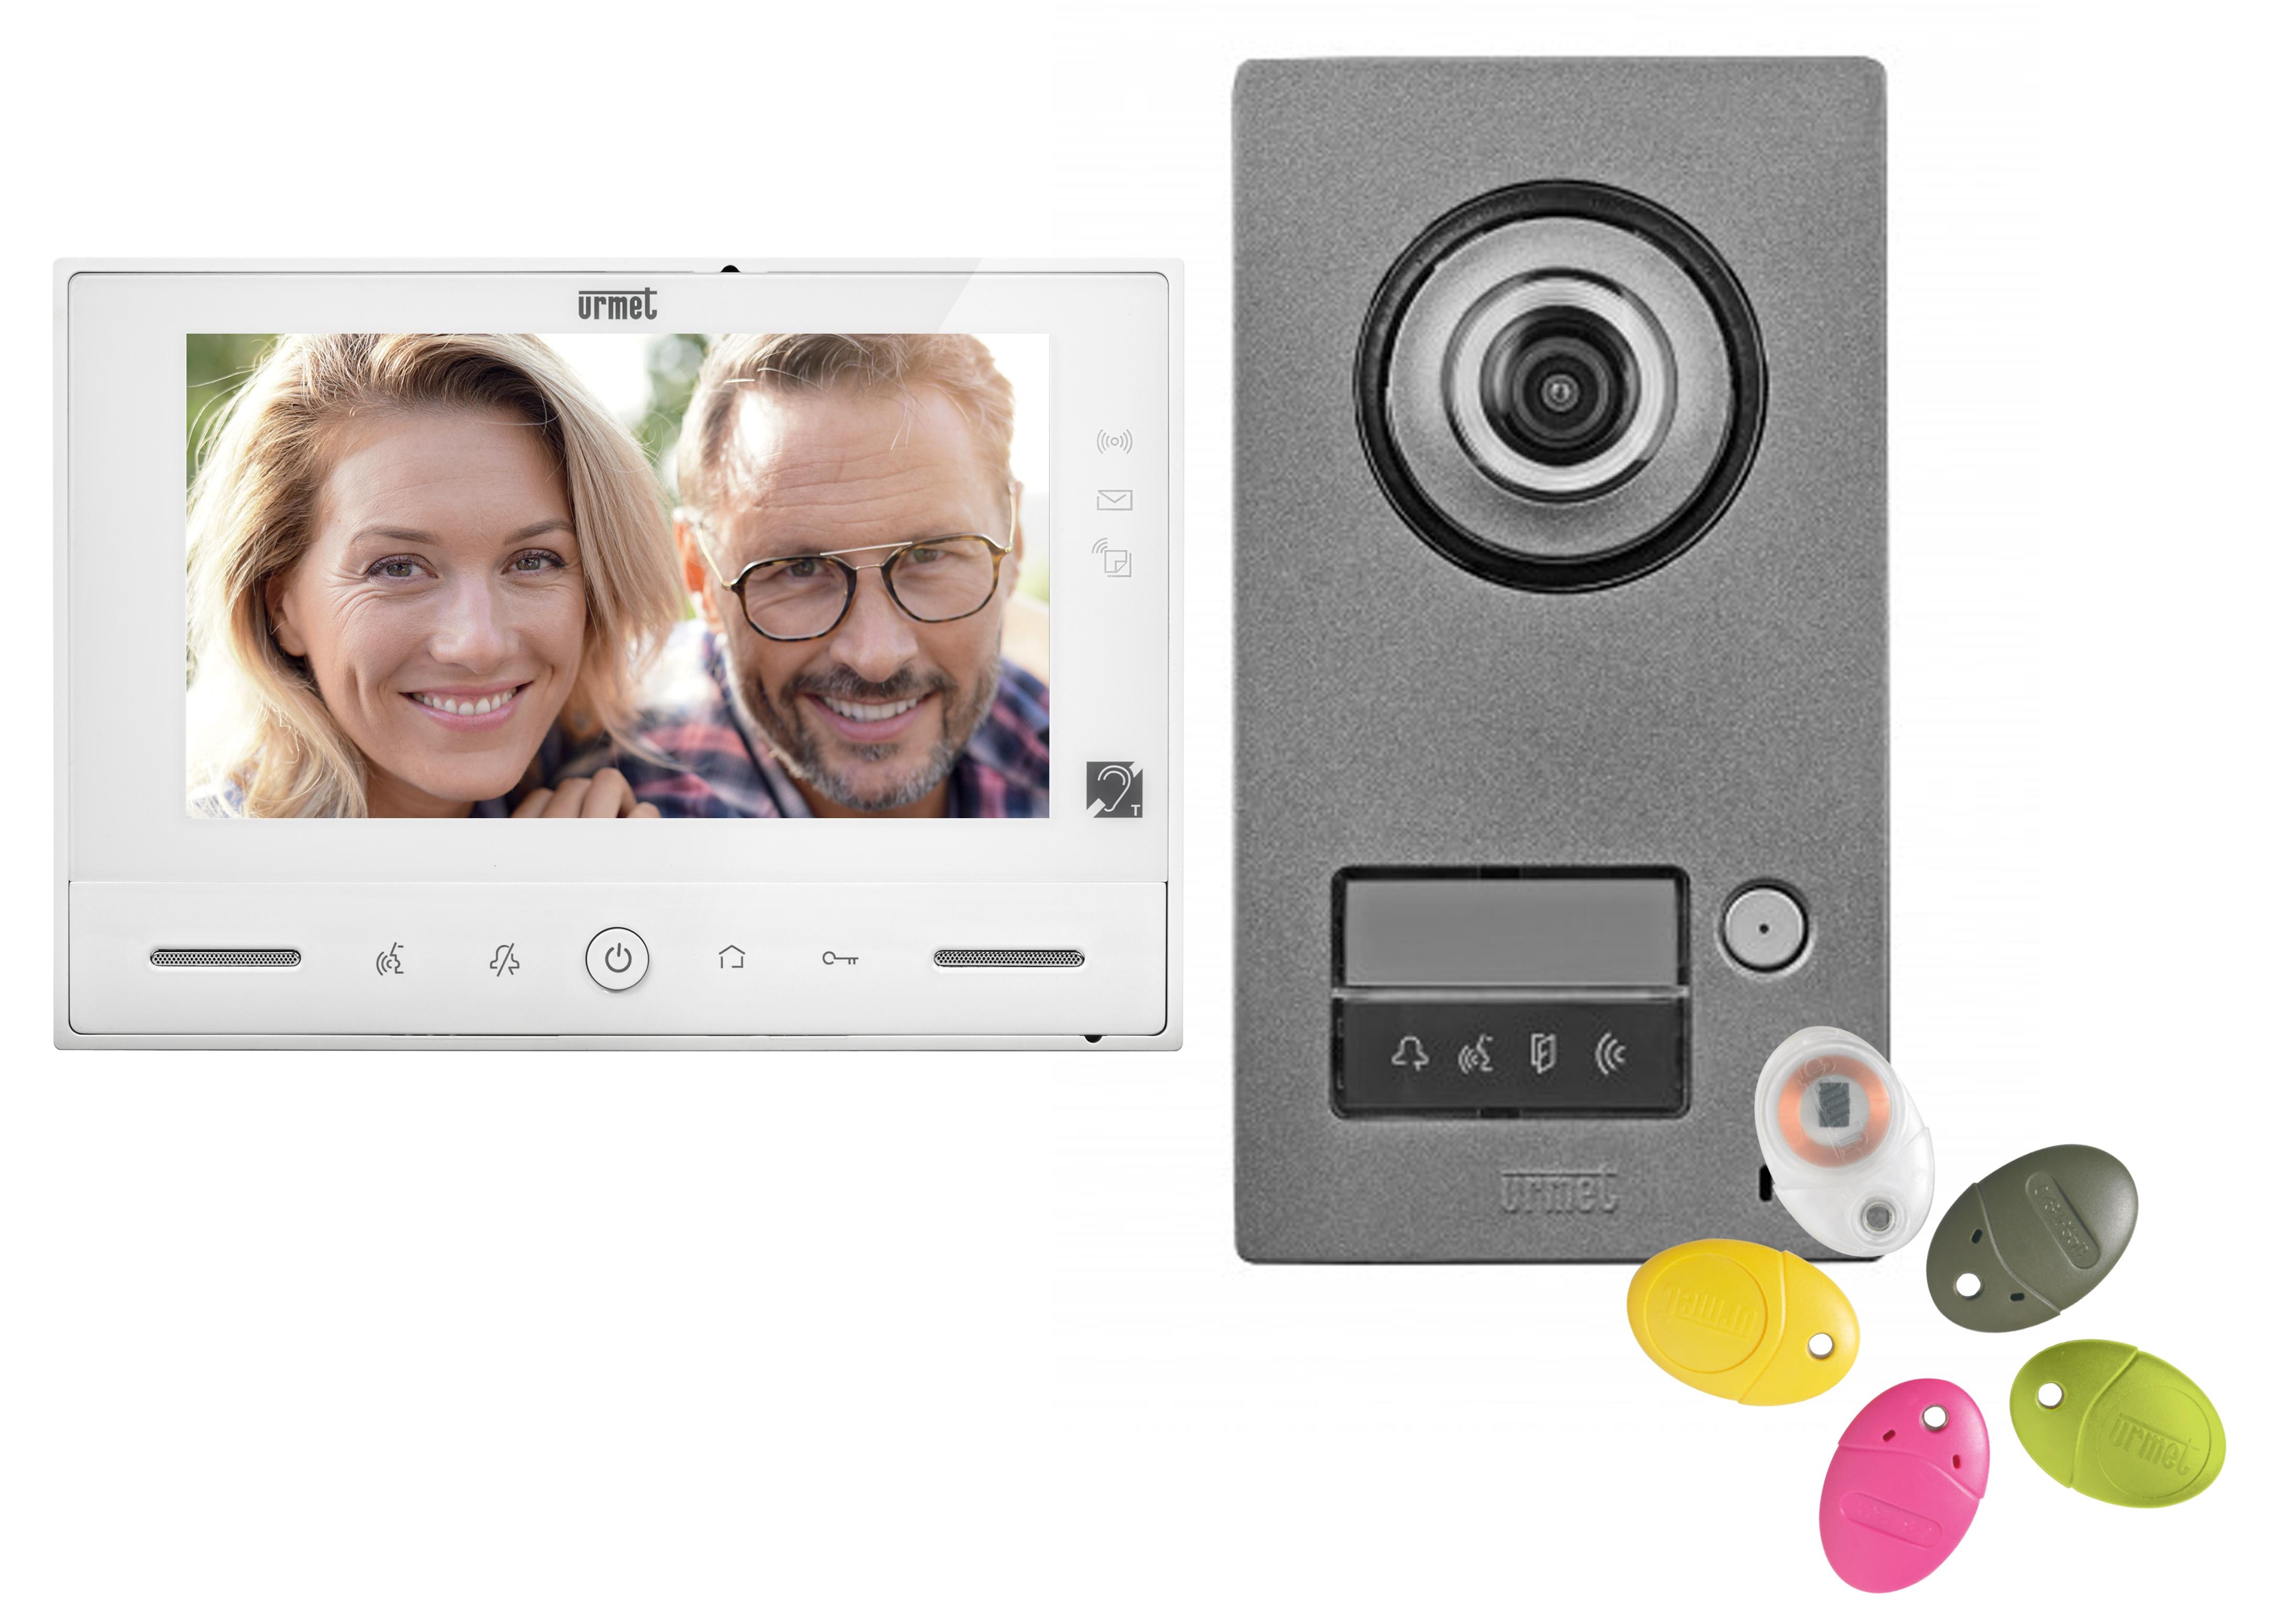 interphonie Caméra 2 Familles Vidéo Porte Sonnette avec interphone